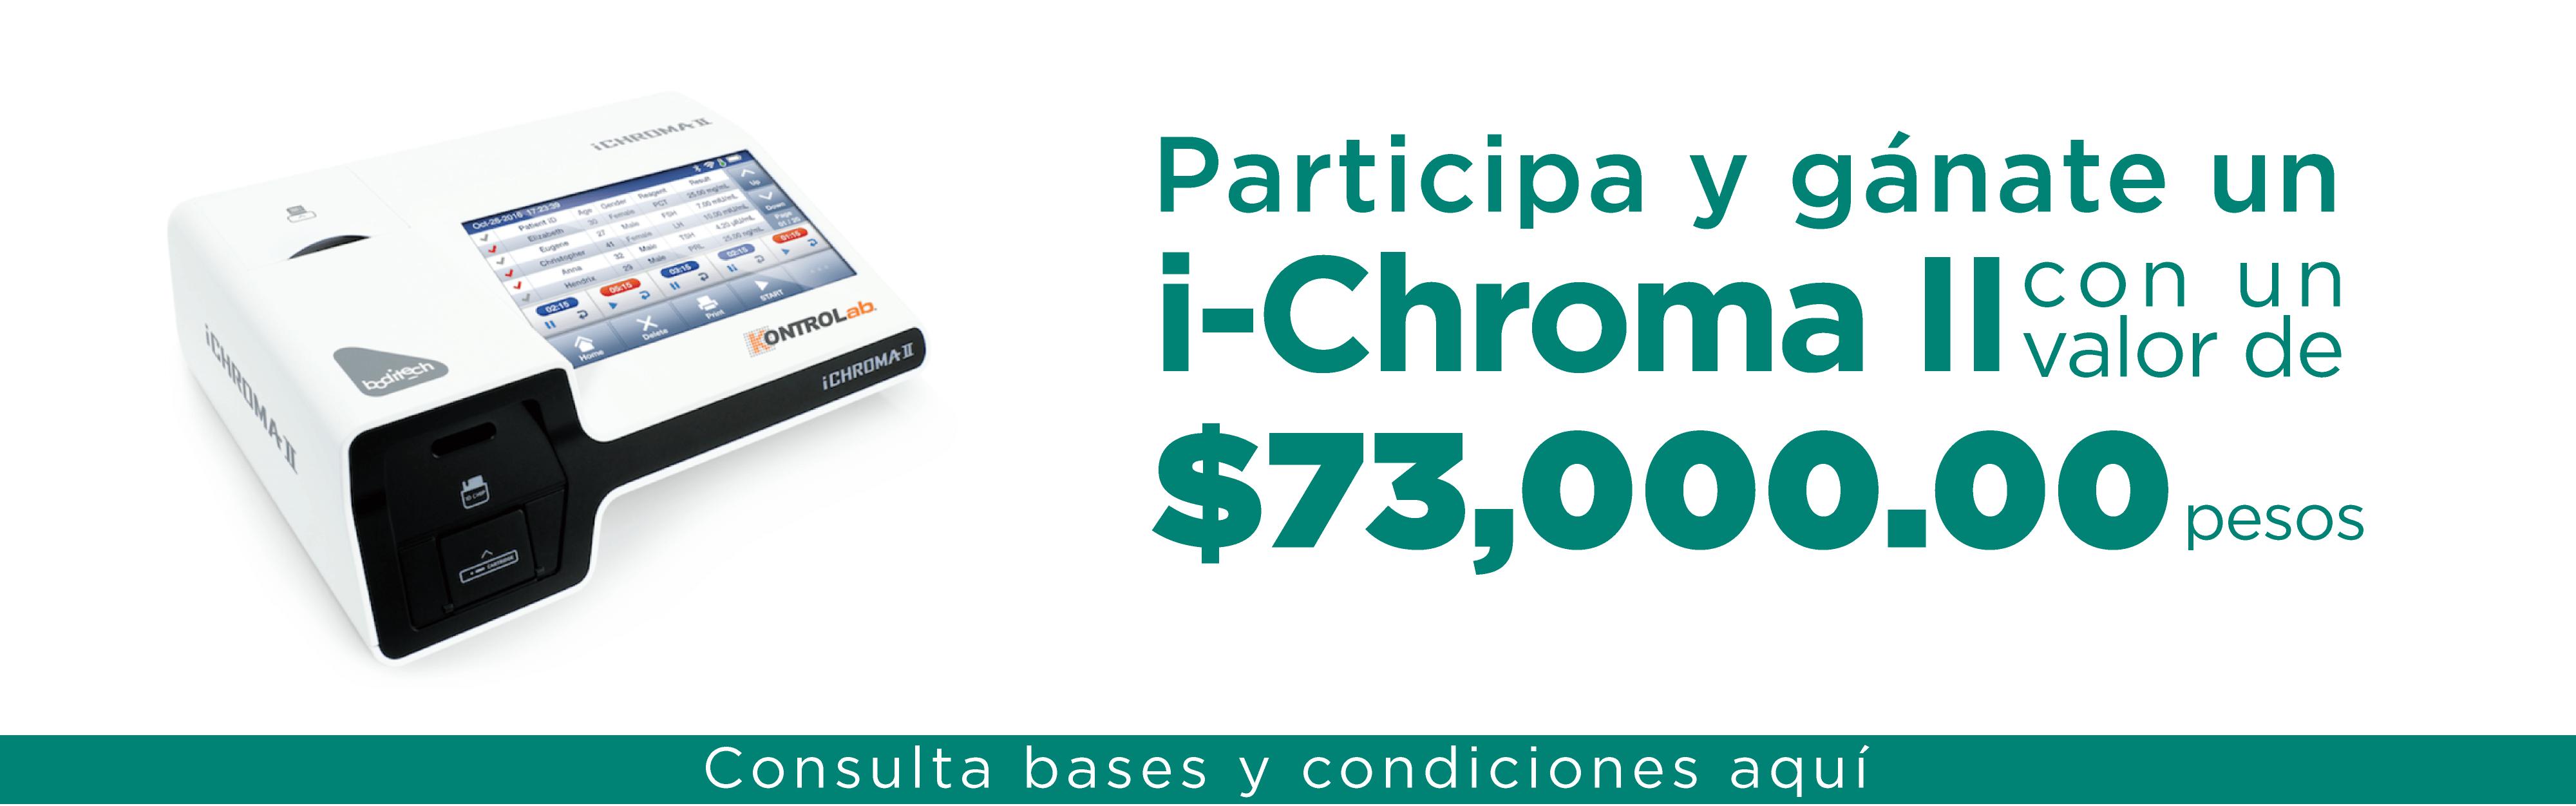 banner concurso-02